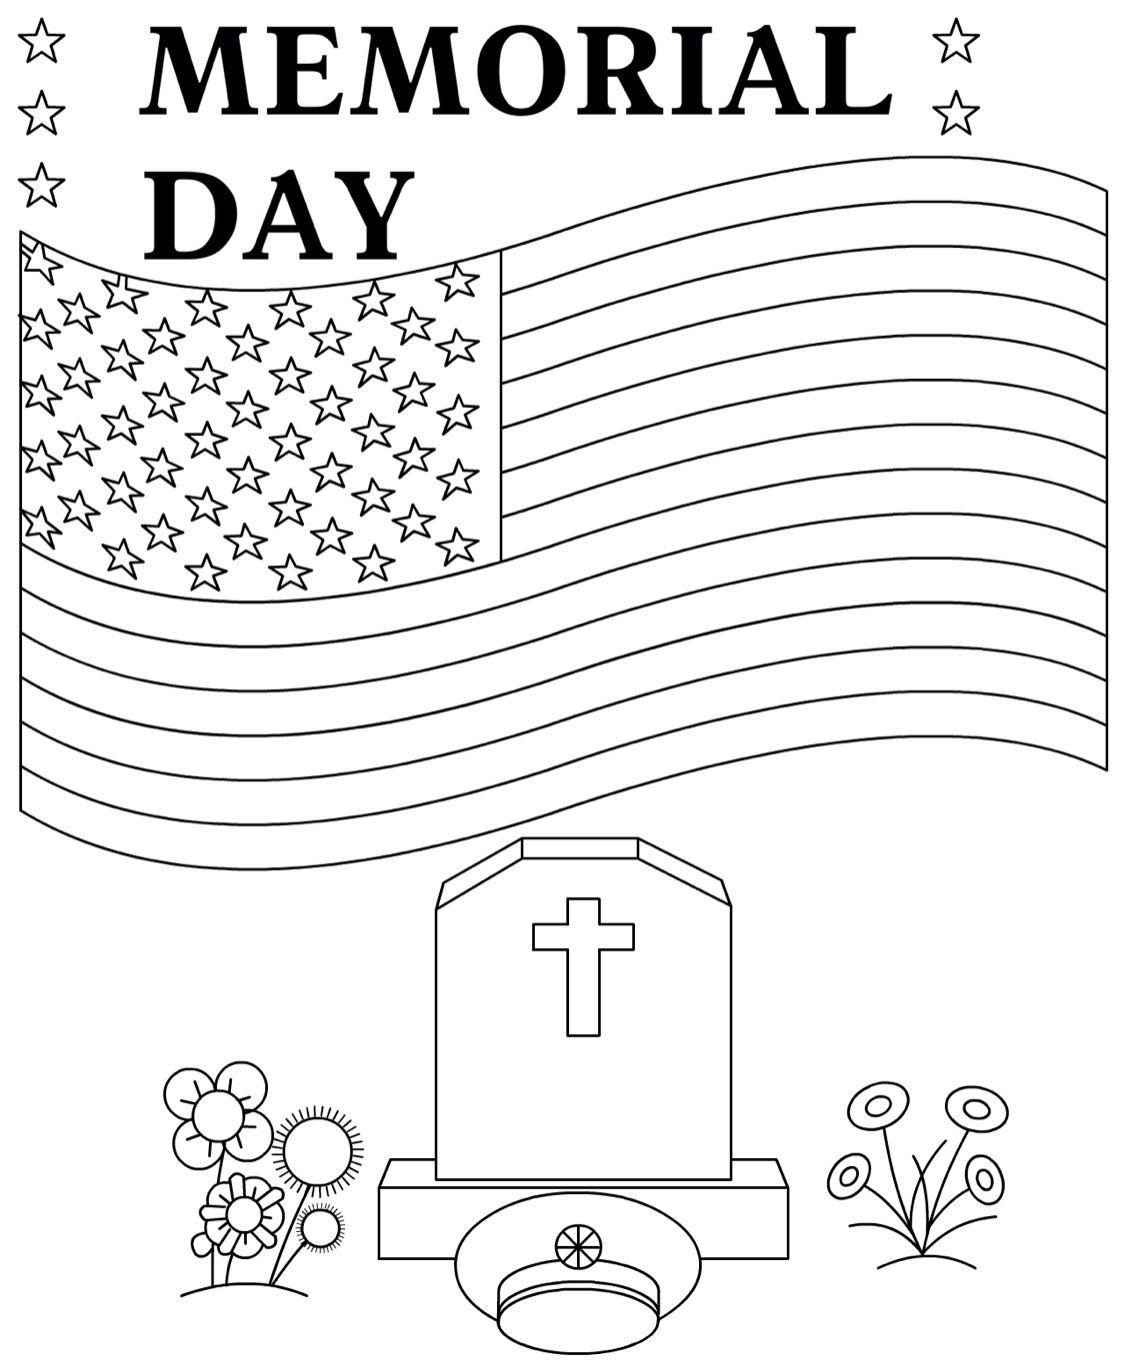 Memorial Day Coloring